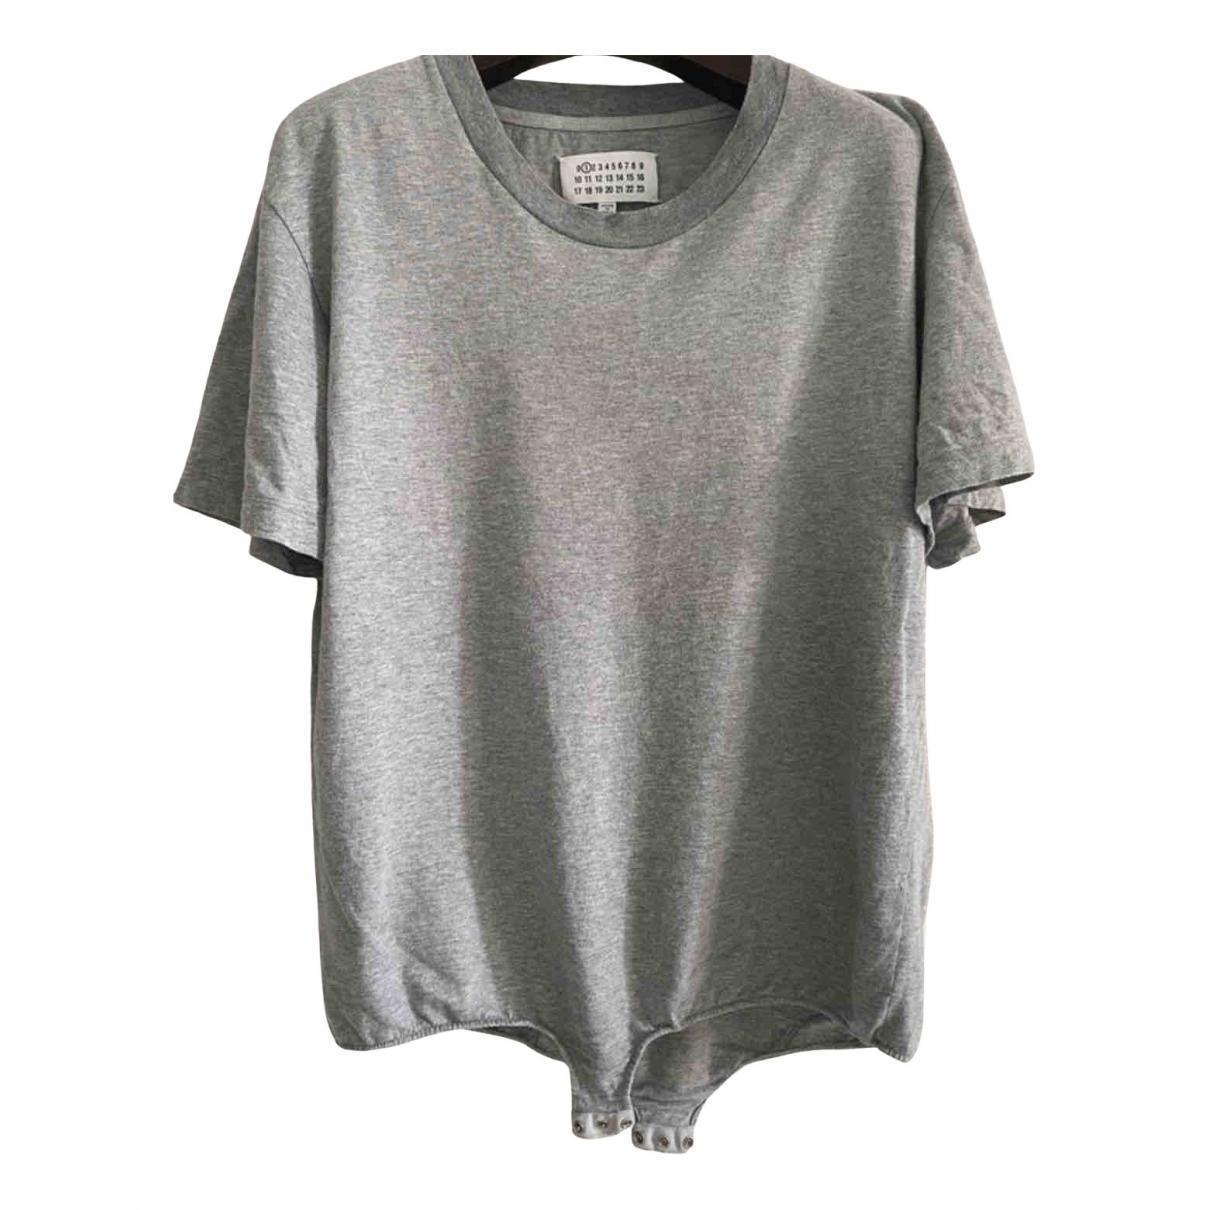 Maison Martin Margiela - Top   pour femme en coton - gris